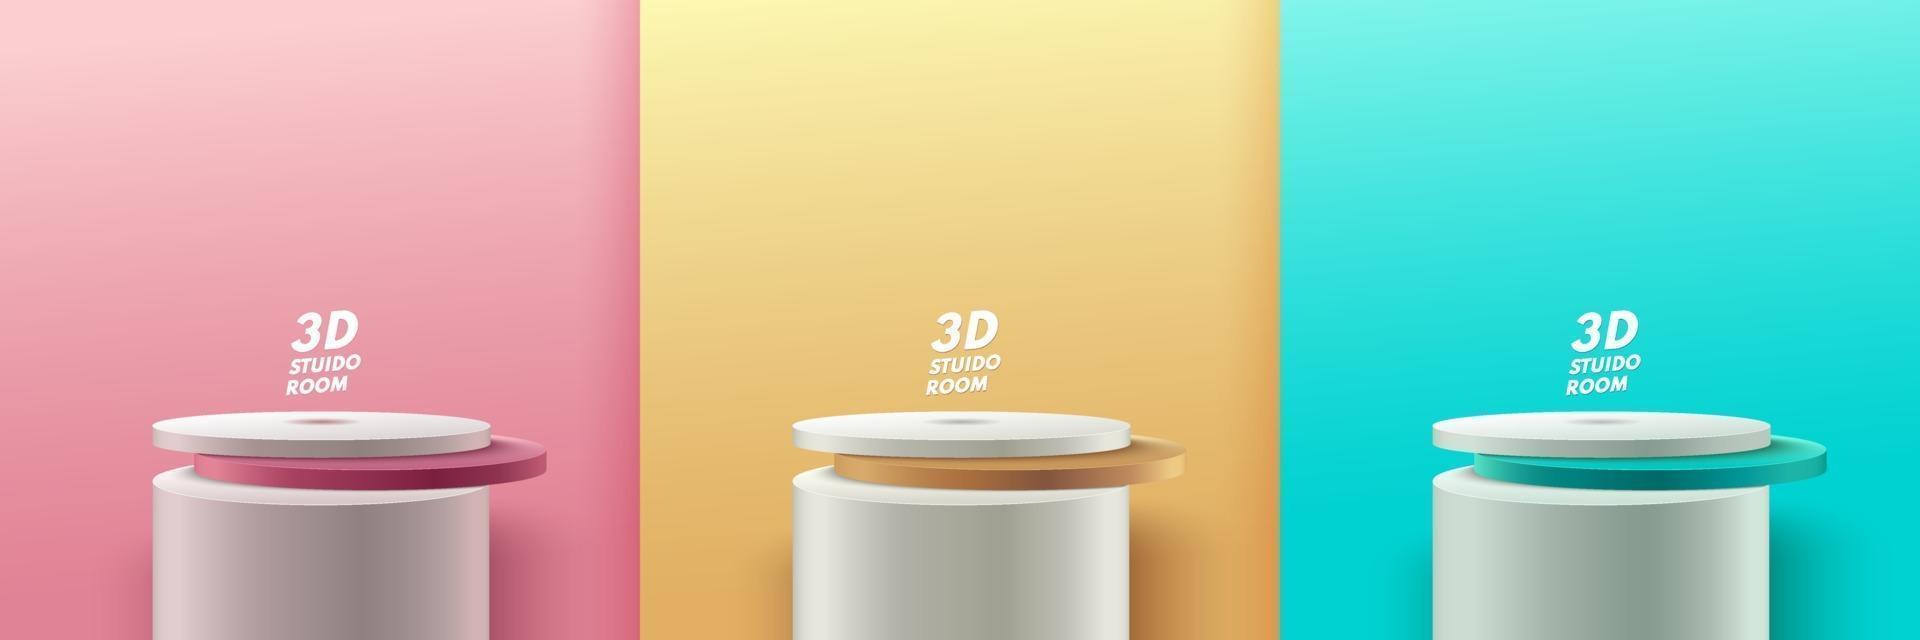 set di display rotondo astratto per prodotto sul sito Web in moderno. Rendering di sfondo pastello con podio e scena di muro a trama minima, rendering 3D di forma geometrica colore verde oro rosa. vettore eps10